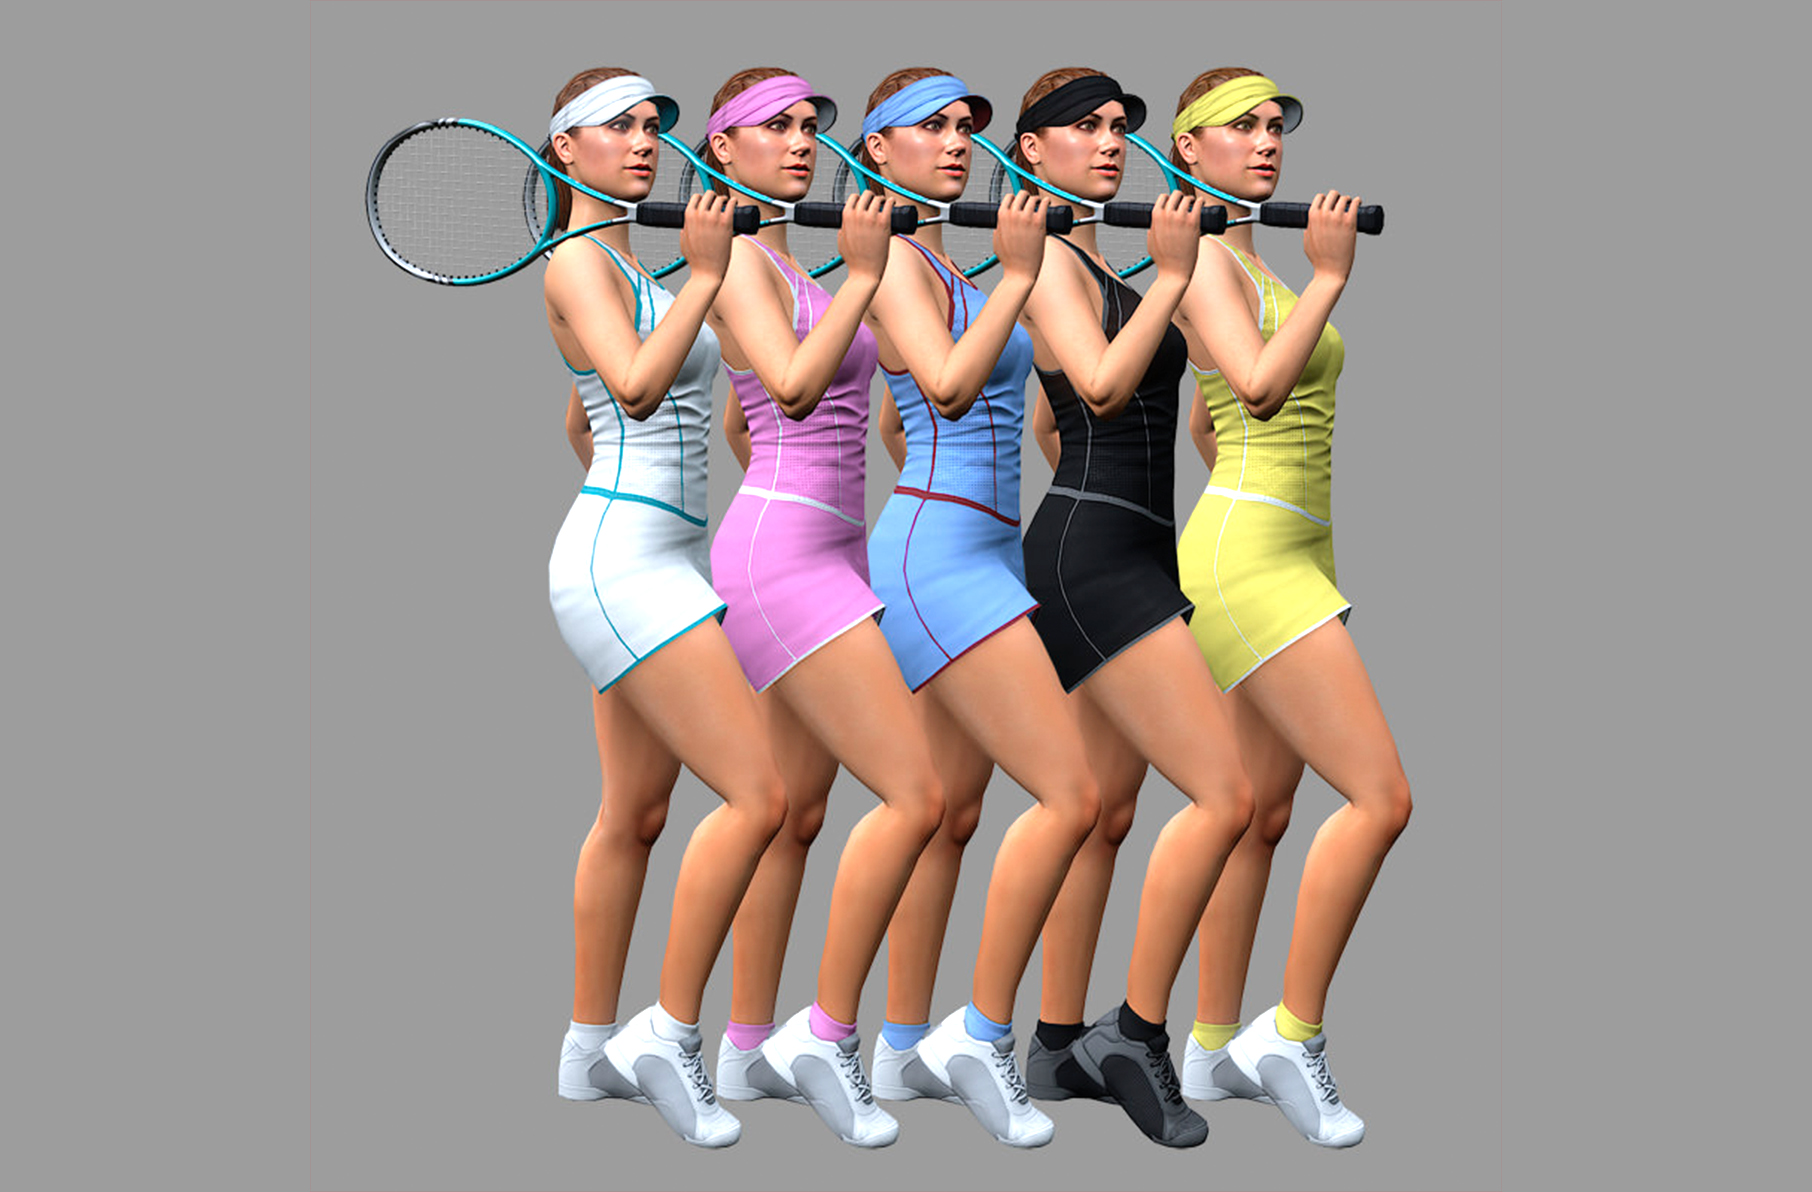 теннис на комбинации ставок